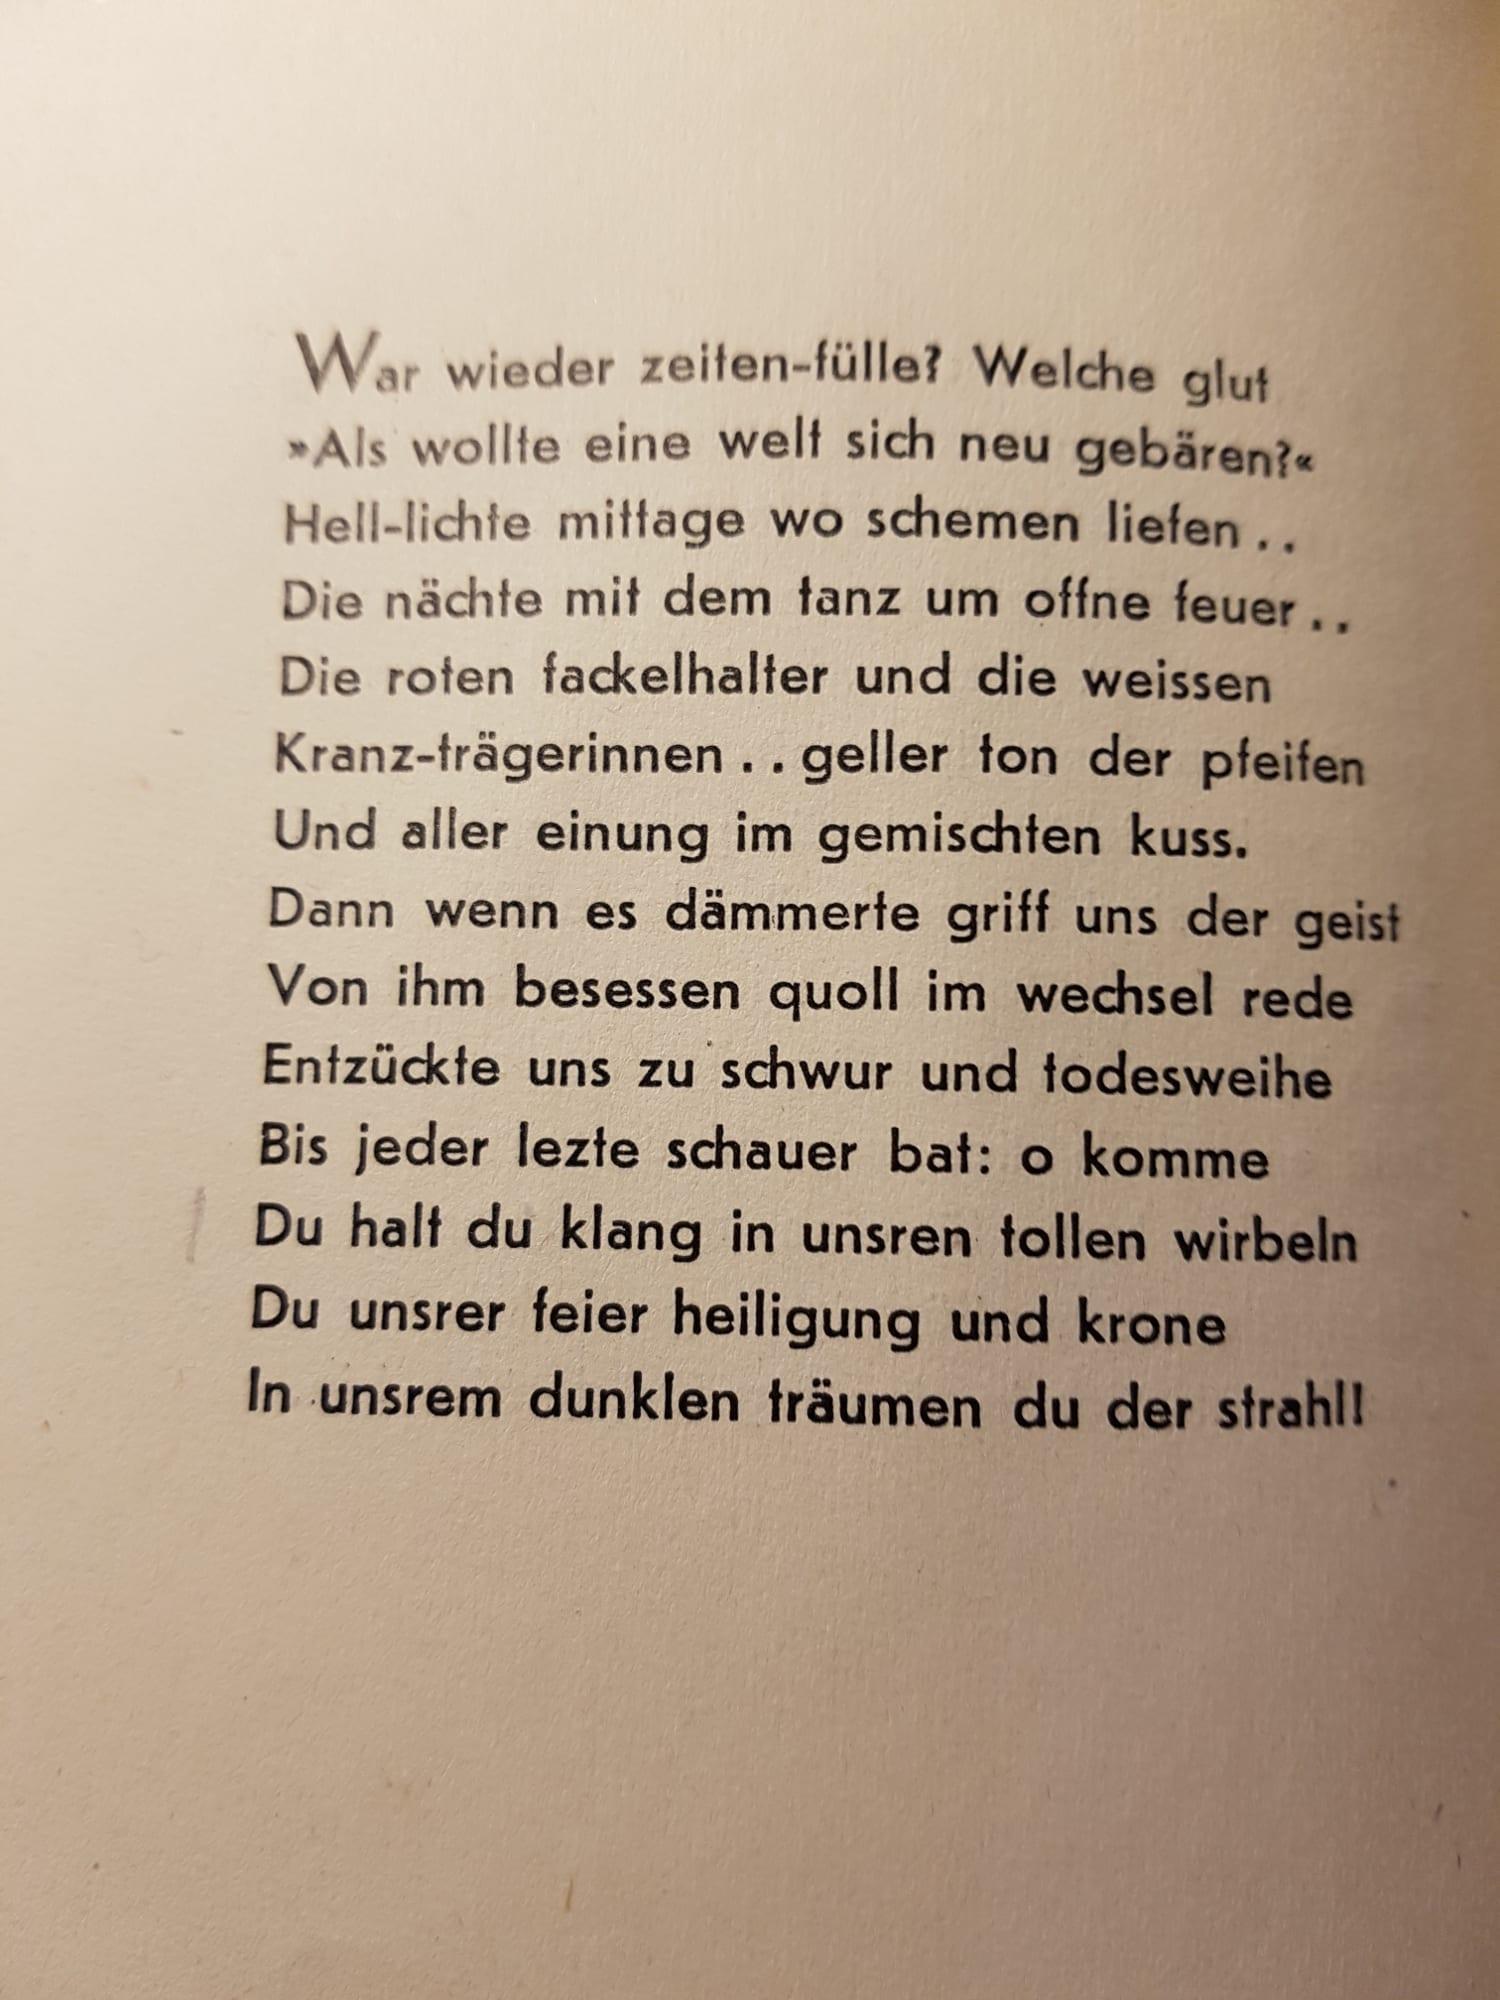 Stefan George - War wieder zeiten-fülle, aus 'Stern des Bundes' 1914